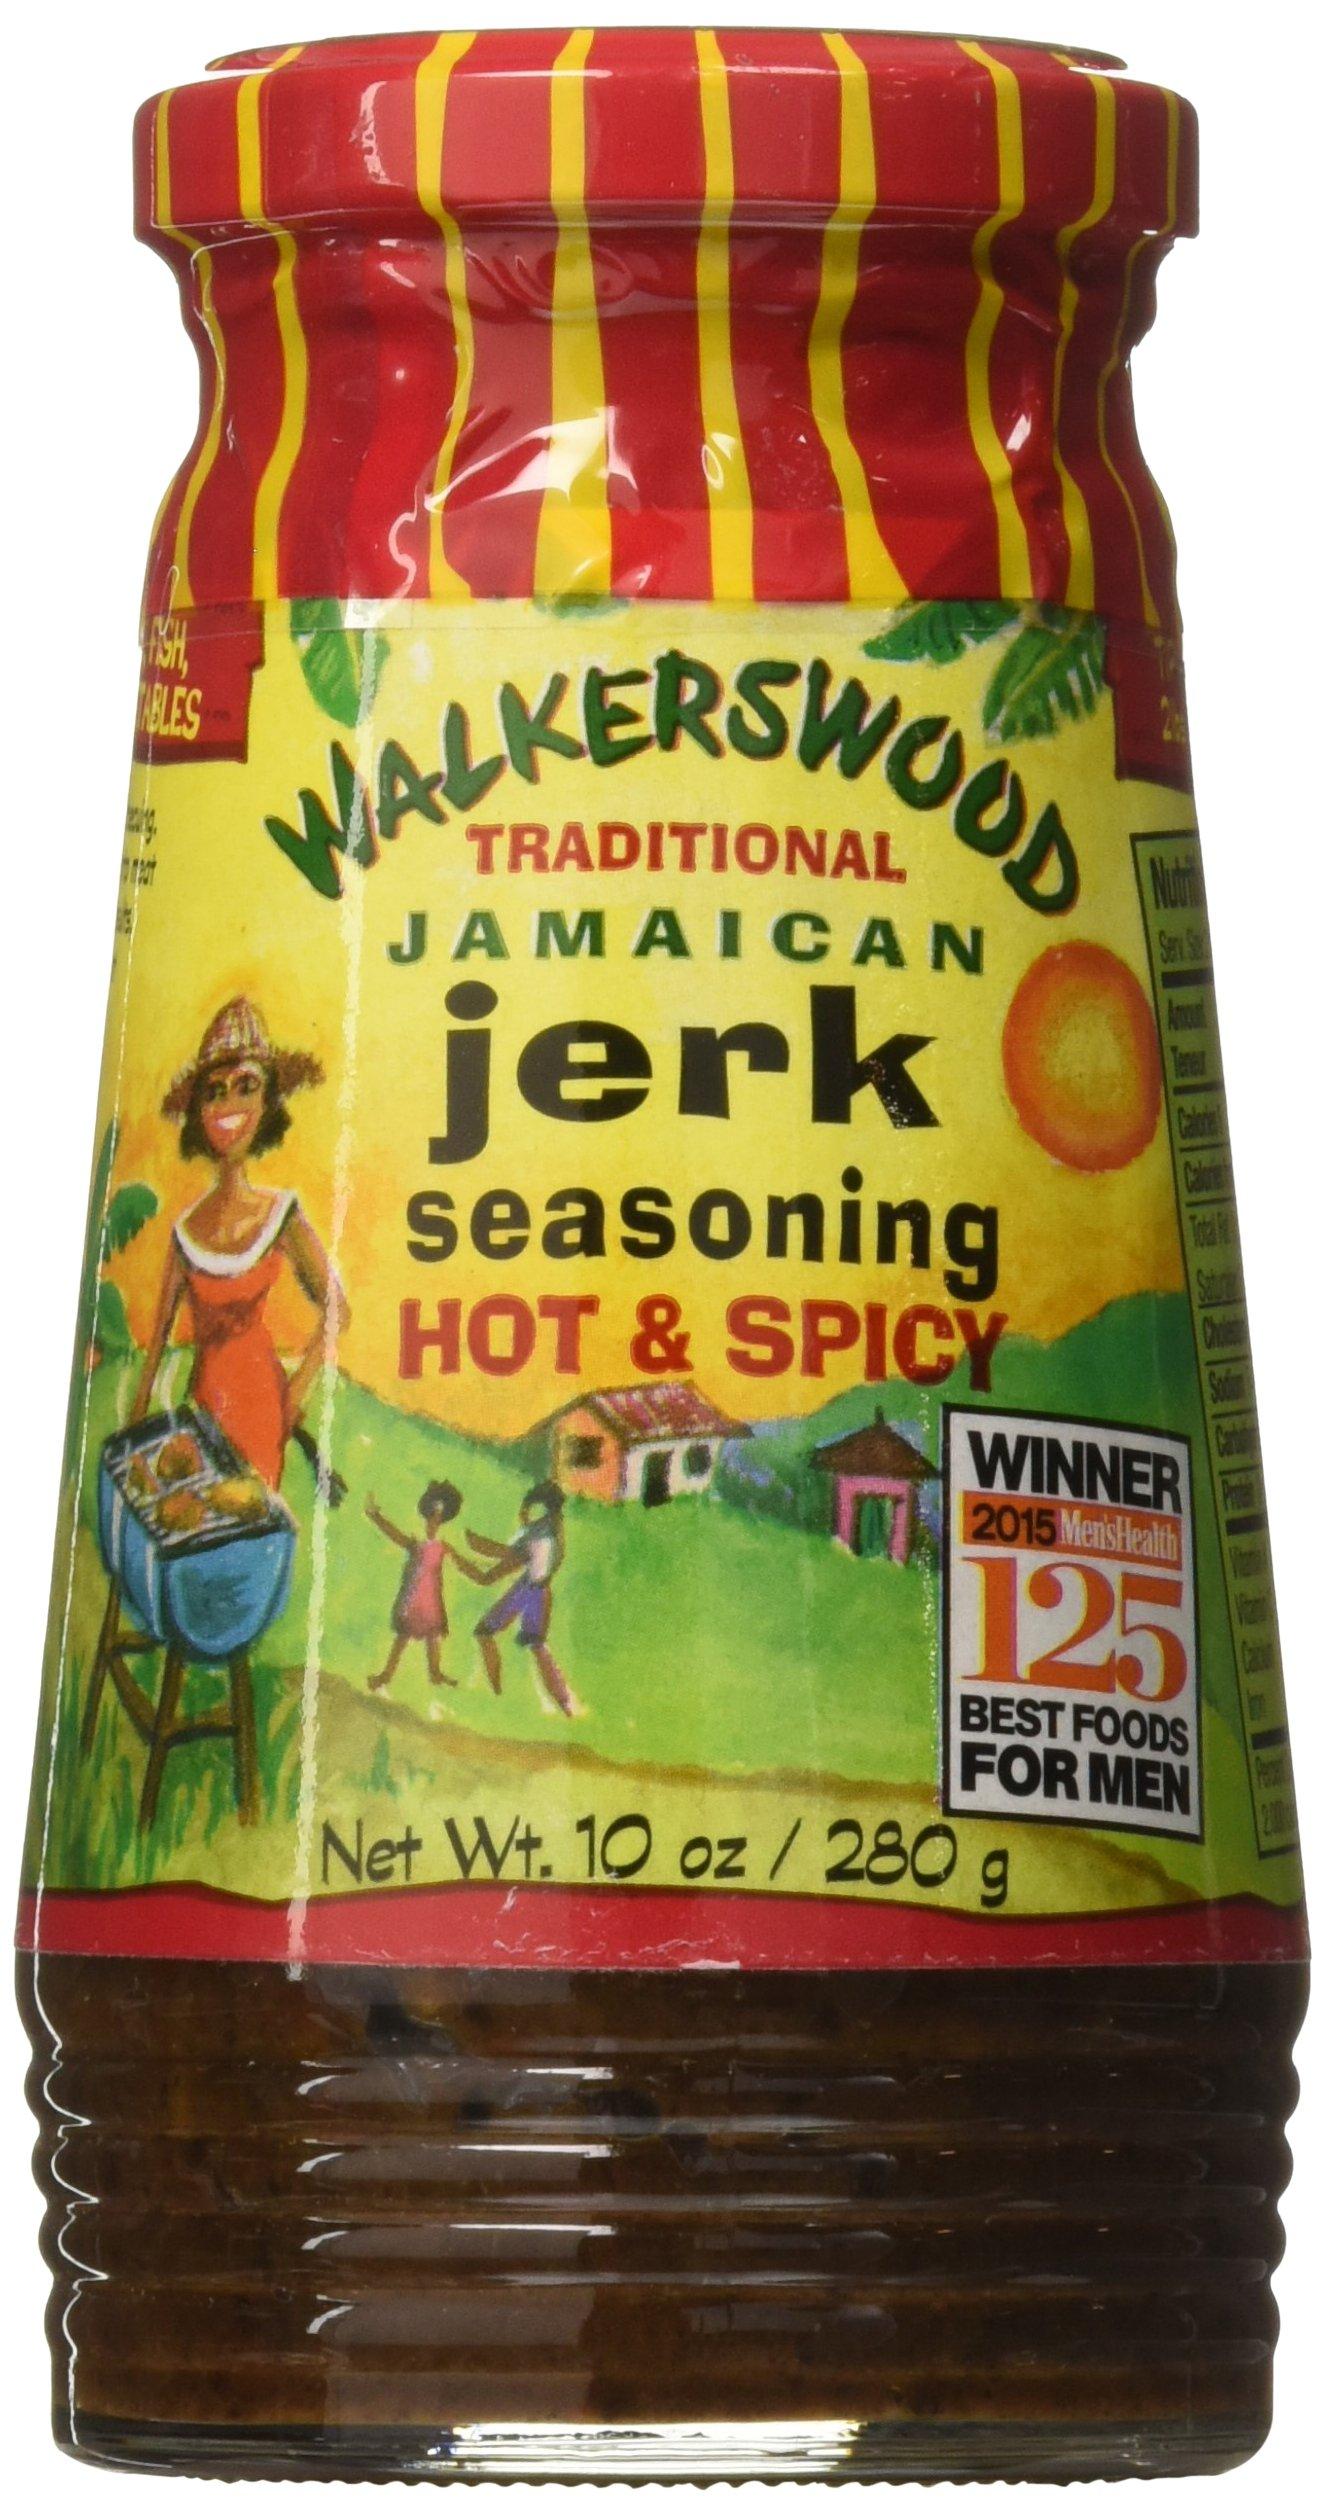 Walkerswood Traditional Jamaican Jerk Seasoning, 10 oz